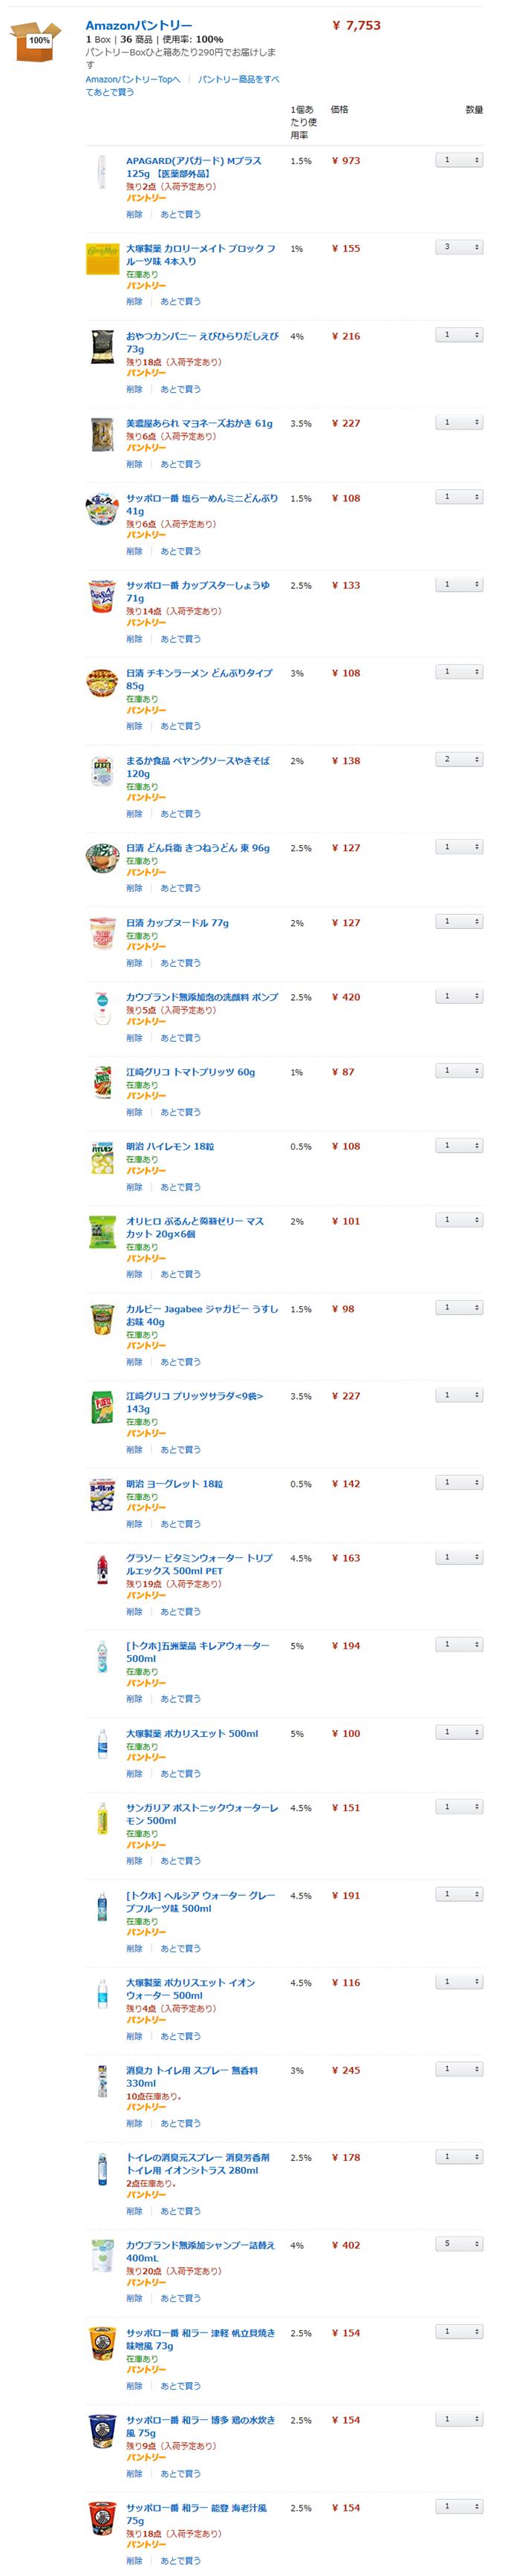 Amazonパントリーで購入した全商品